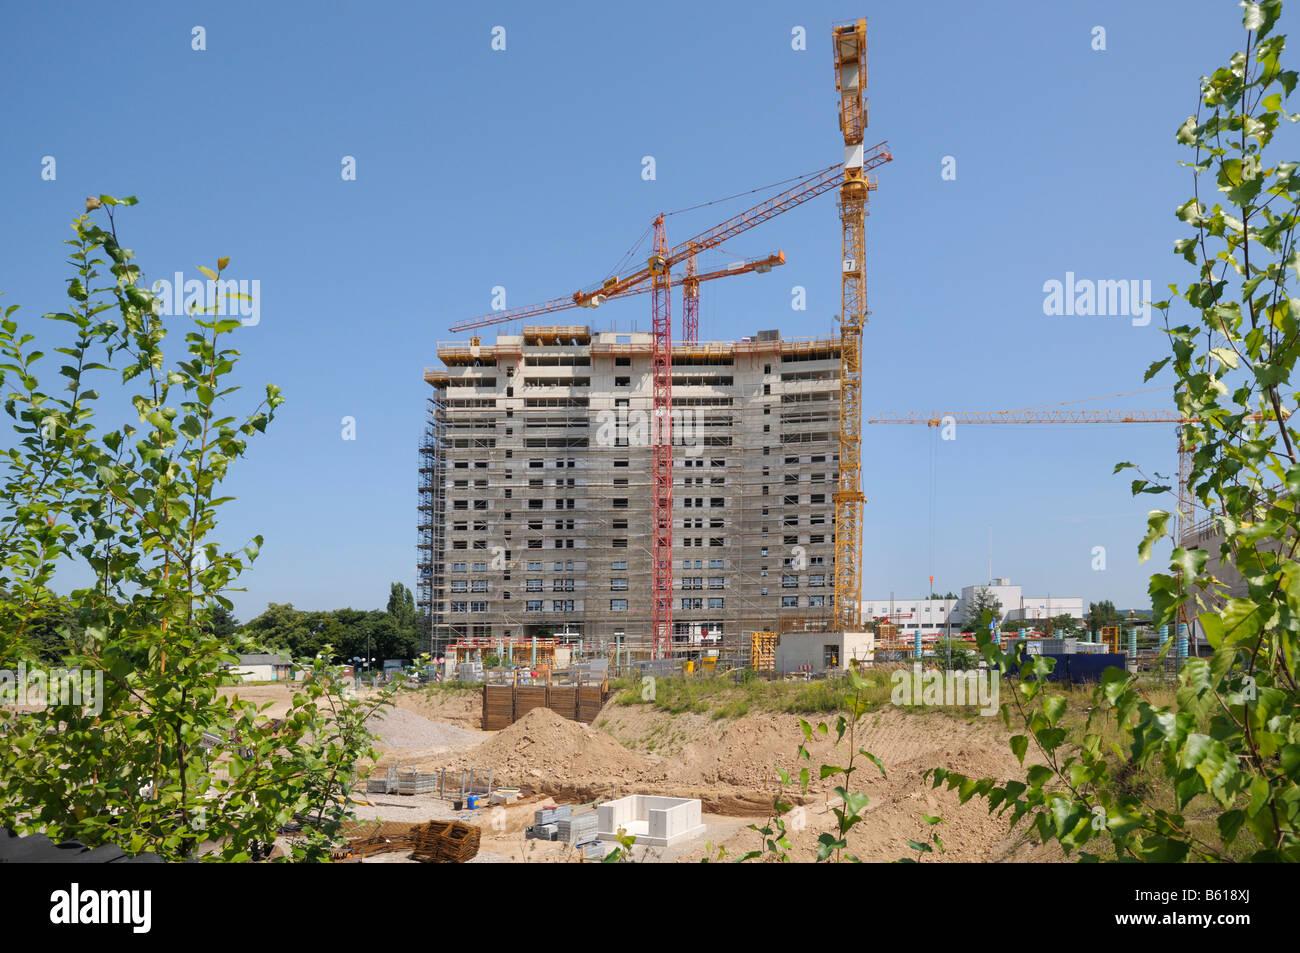 Grandi cantieri edili per UNCC, calcestruzzo guscio del World Conference Centre Bonn con gru per edilizia Immagini Stock